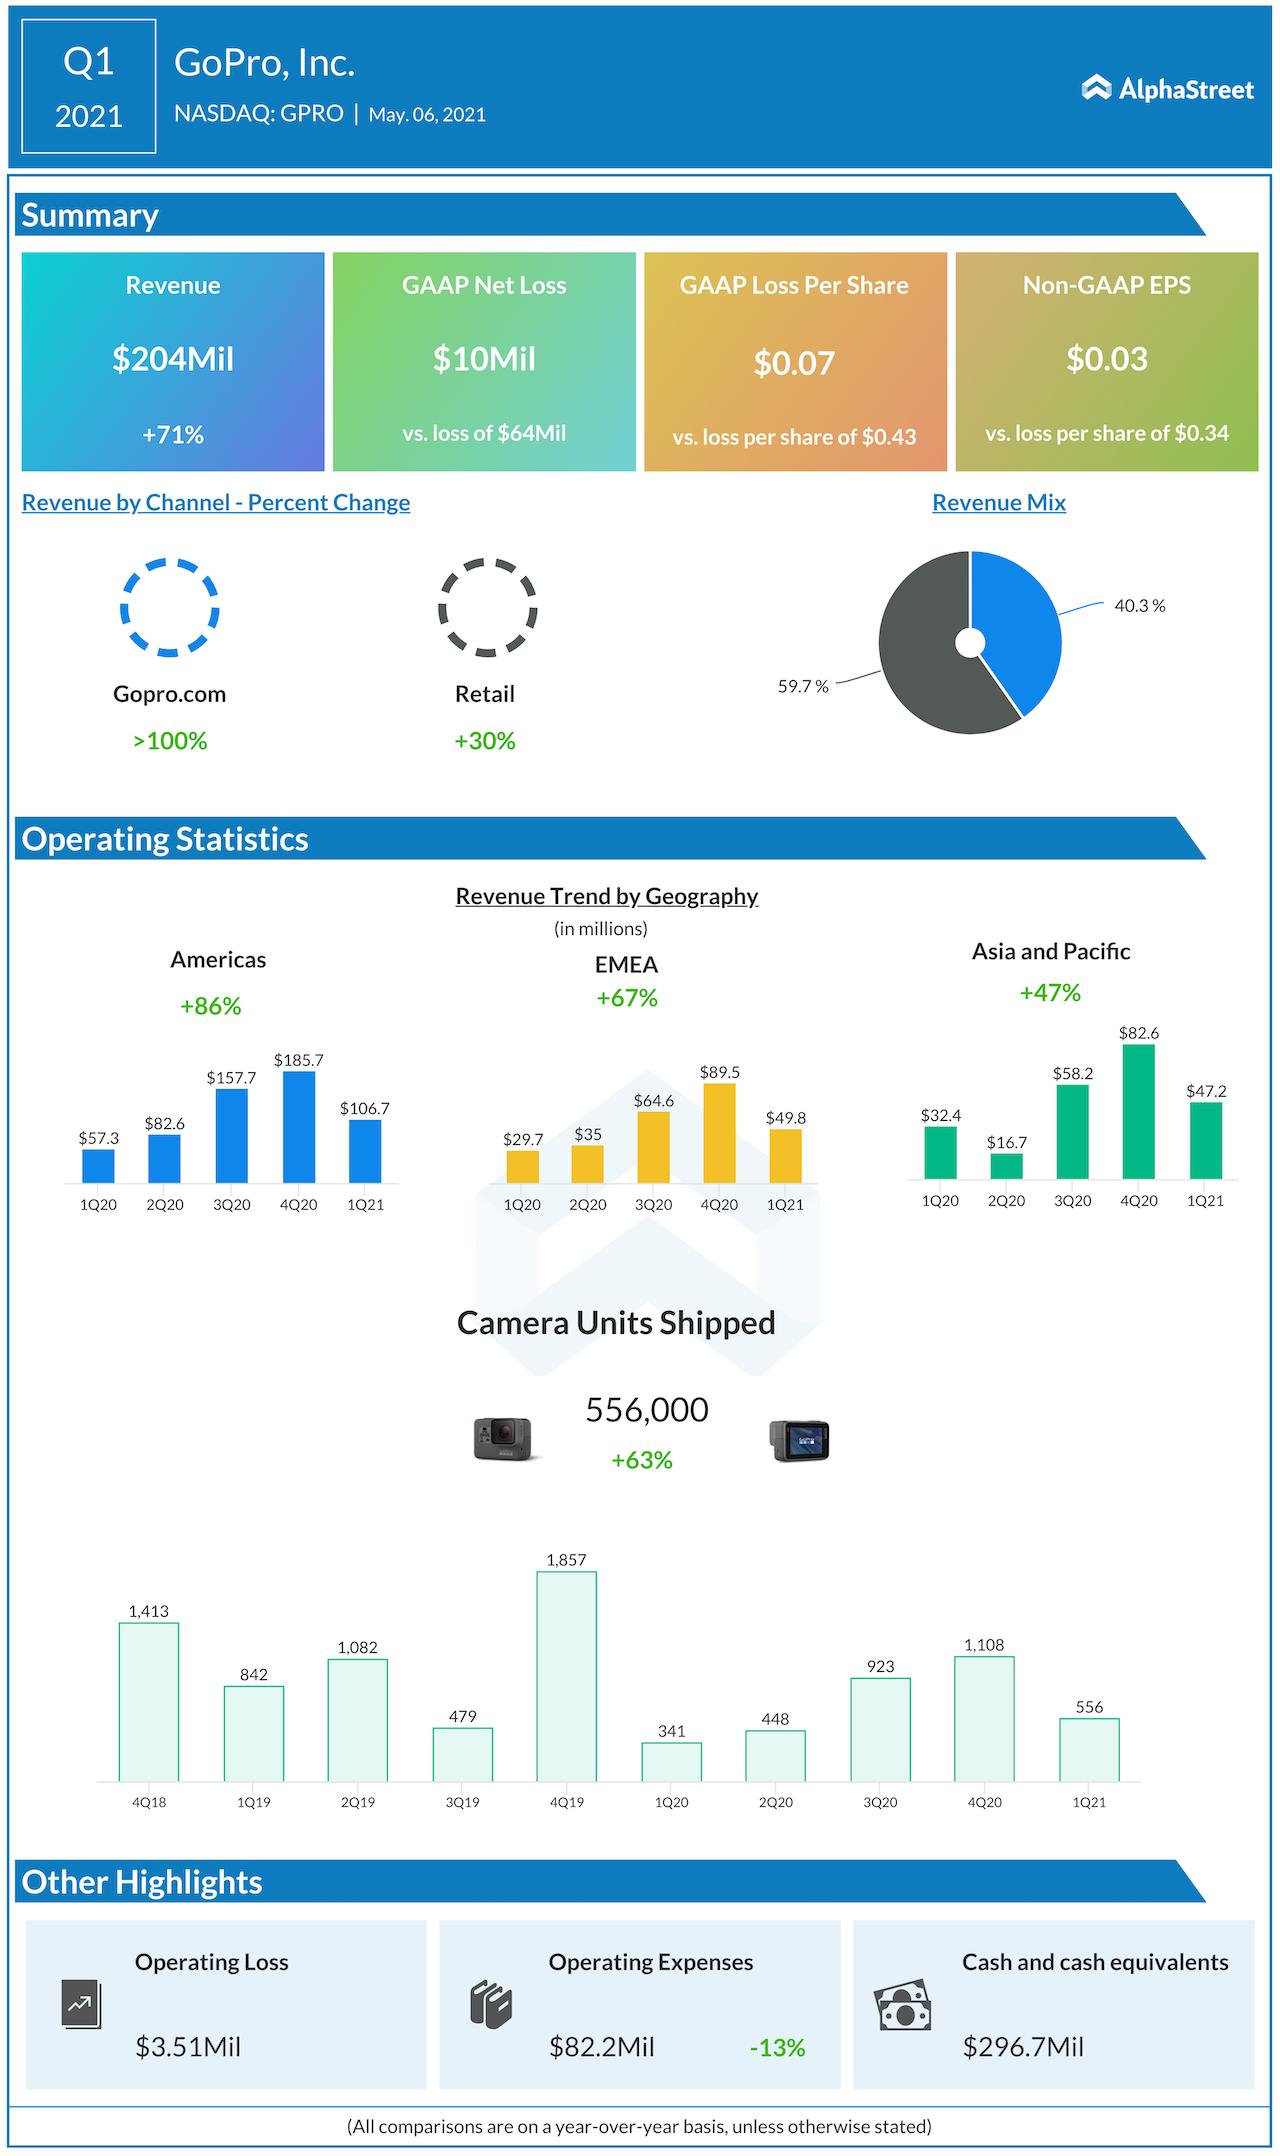 GoPro Q1 2021 earnings